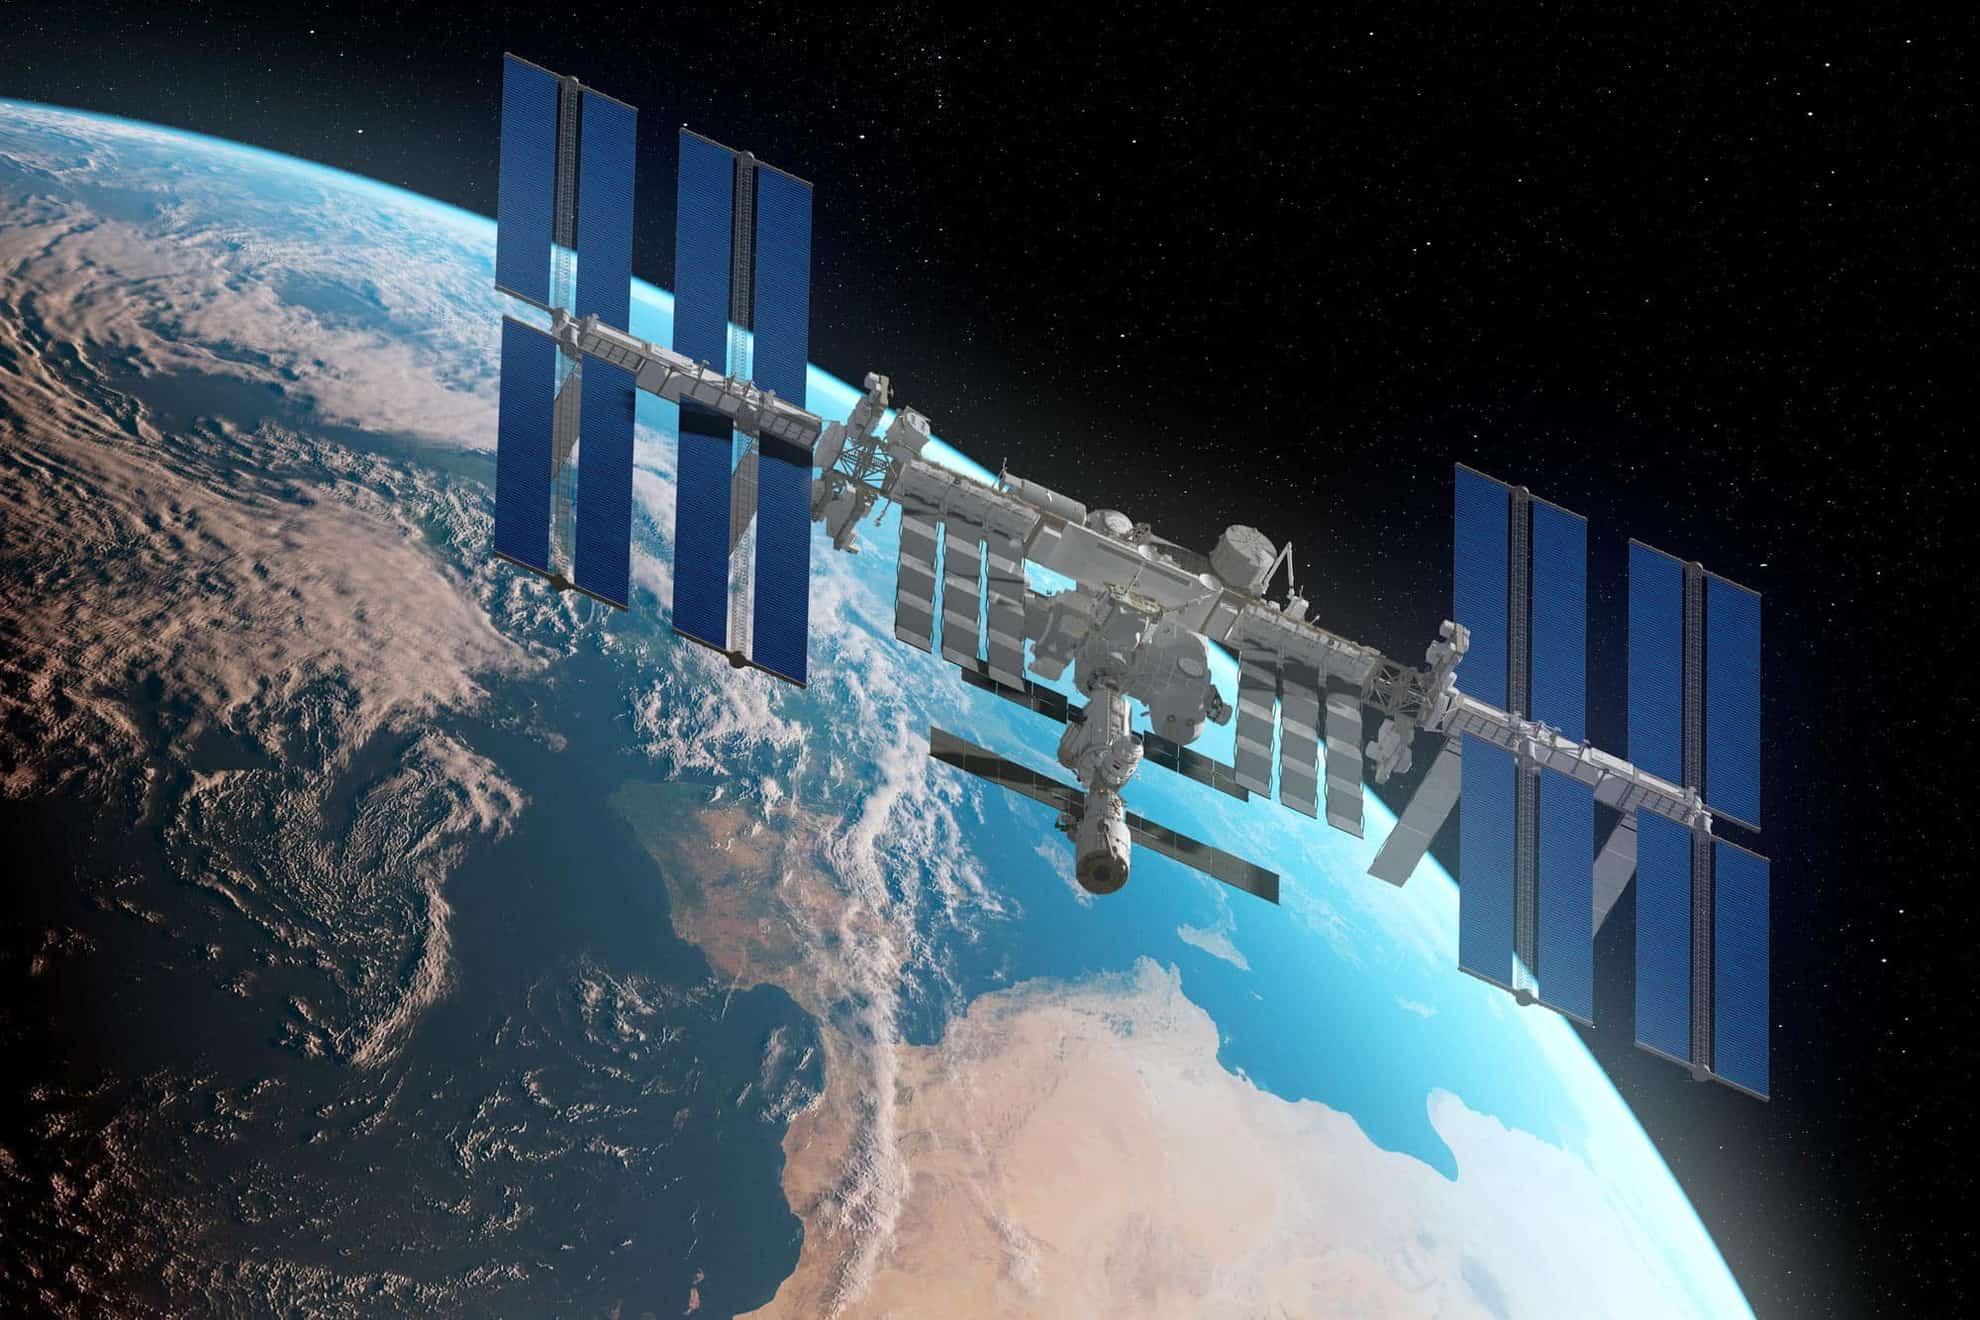 Descubren tres bacterias en la Estación Espacial Internacional que hasta el momento eran formas desconocidas